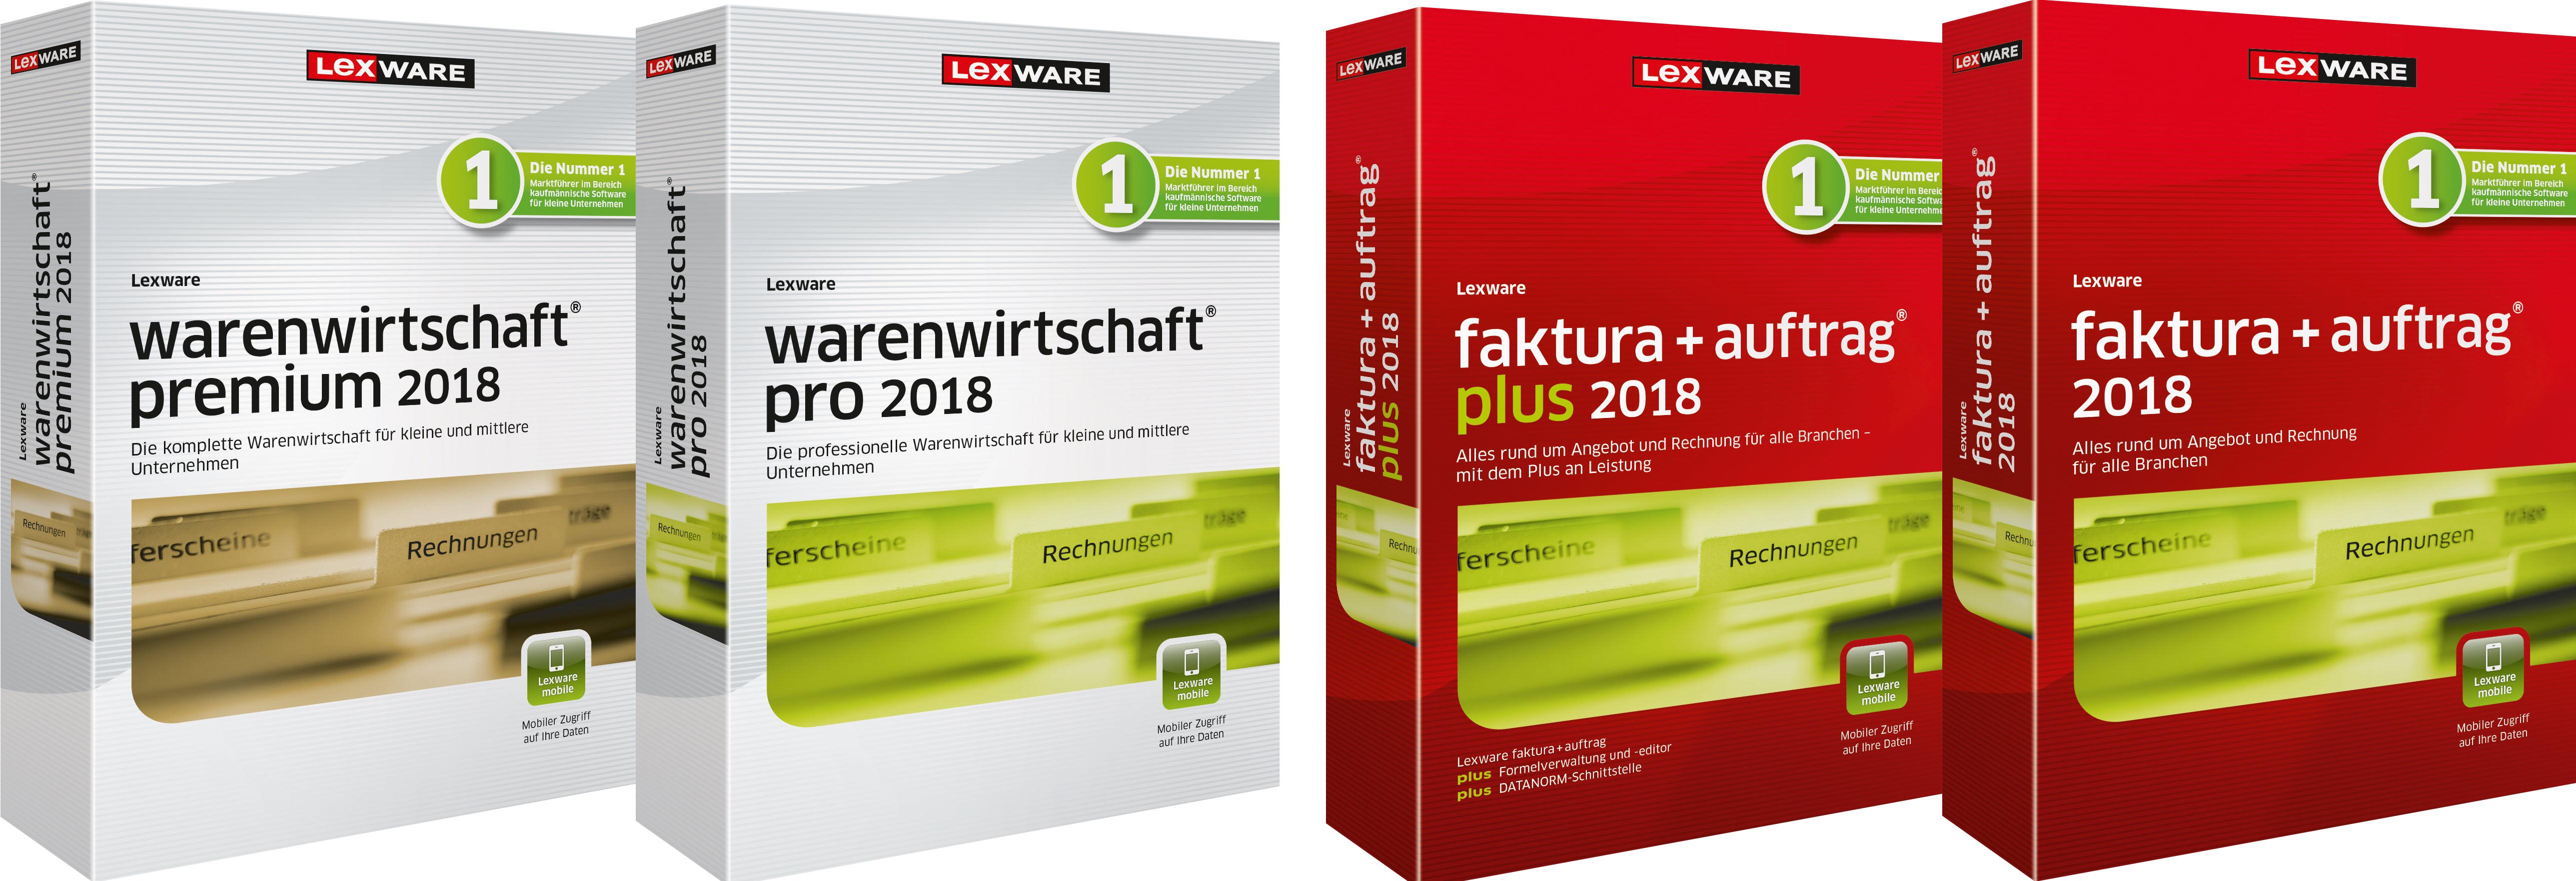 Lexware Faktura Auftrag Warenwirtschaft Pro Und Premium 2018